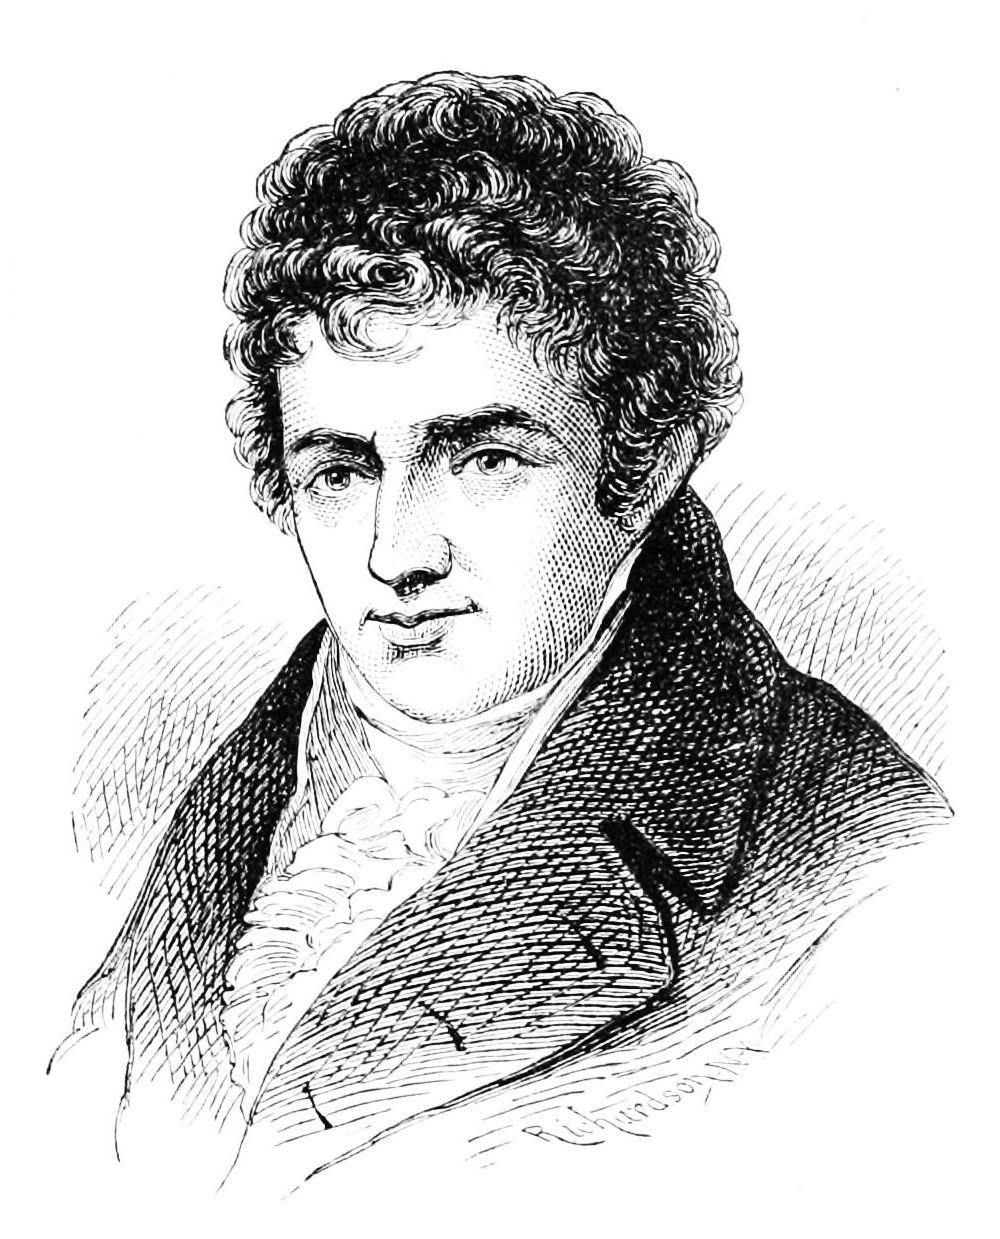 Worksheet Robert Fulton filepsm v12 d467 robert fulton jpg wikimedia commons jpg